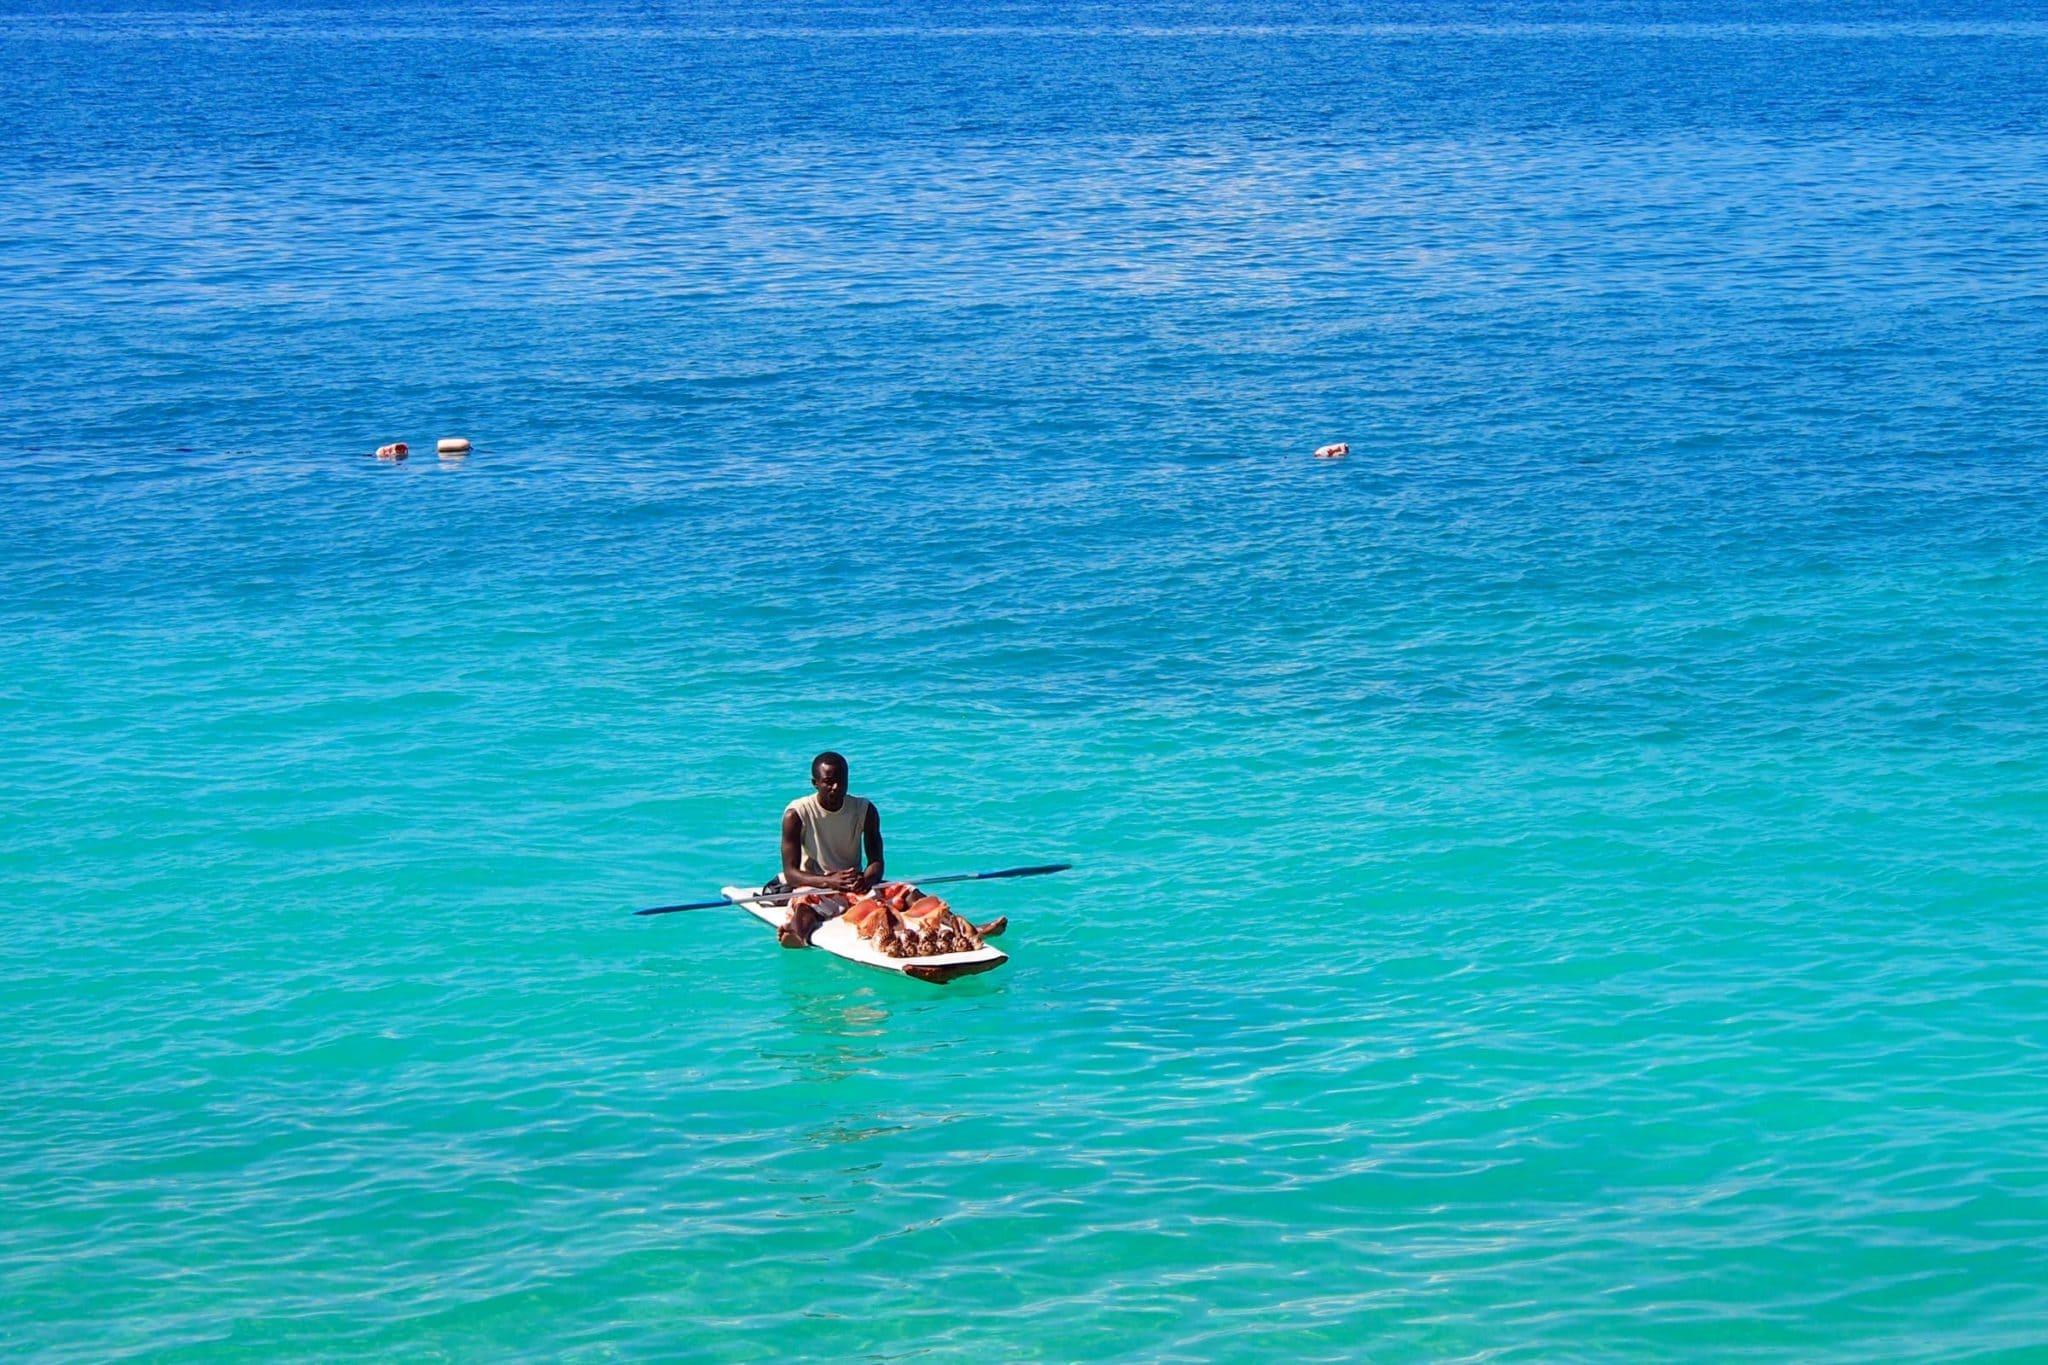 Hang-10 Higgling at Wahoo Bay, Haiti: Photo of the Day